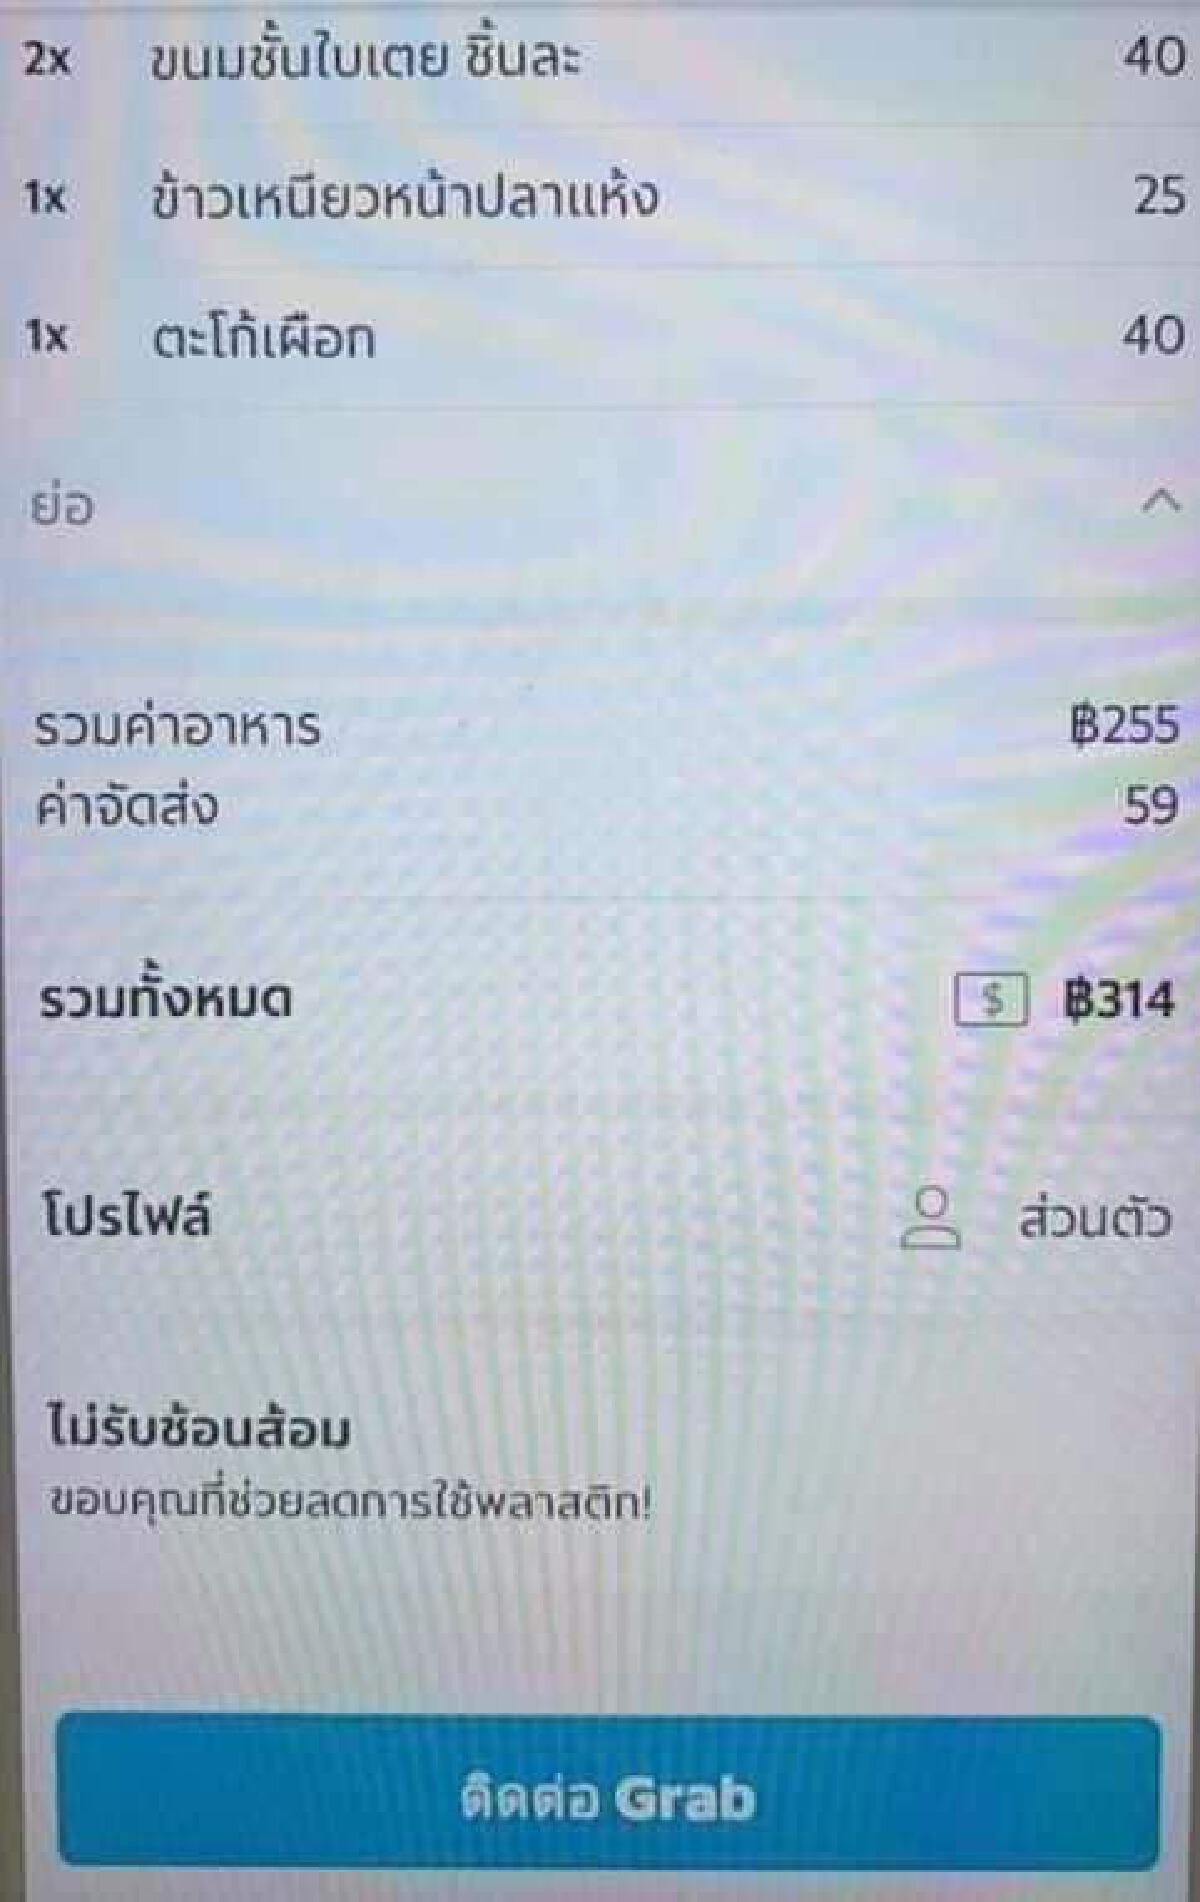 สุดสงสาร ยายสั่งอาหาร โอนเงินผิดให้ไรเดอร์ 31,400 บาท  จี้ทวงบอกใช้หมดแล้ว